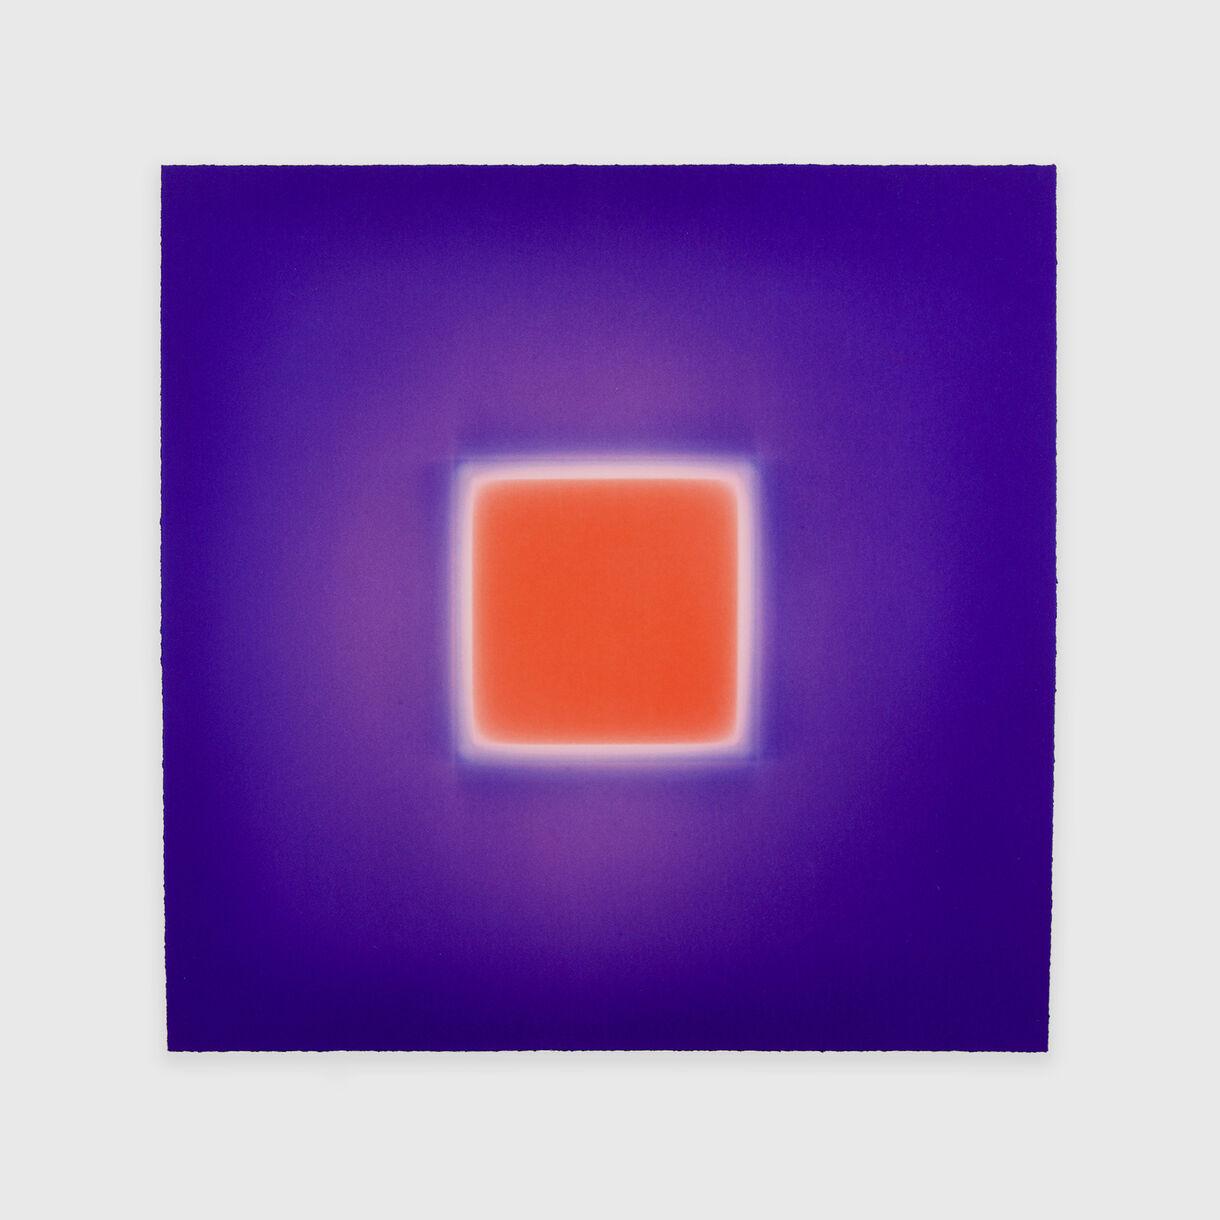 Agate, Brian Eno